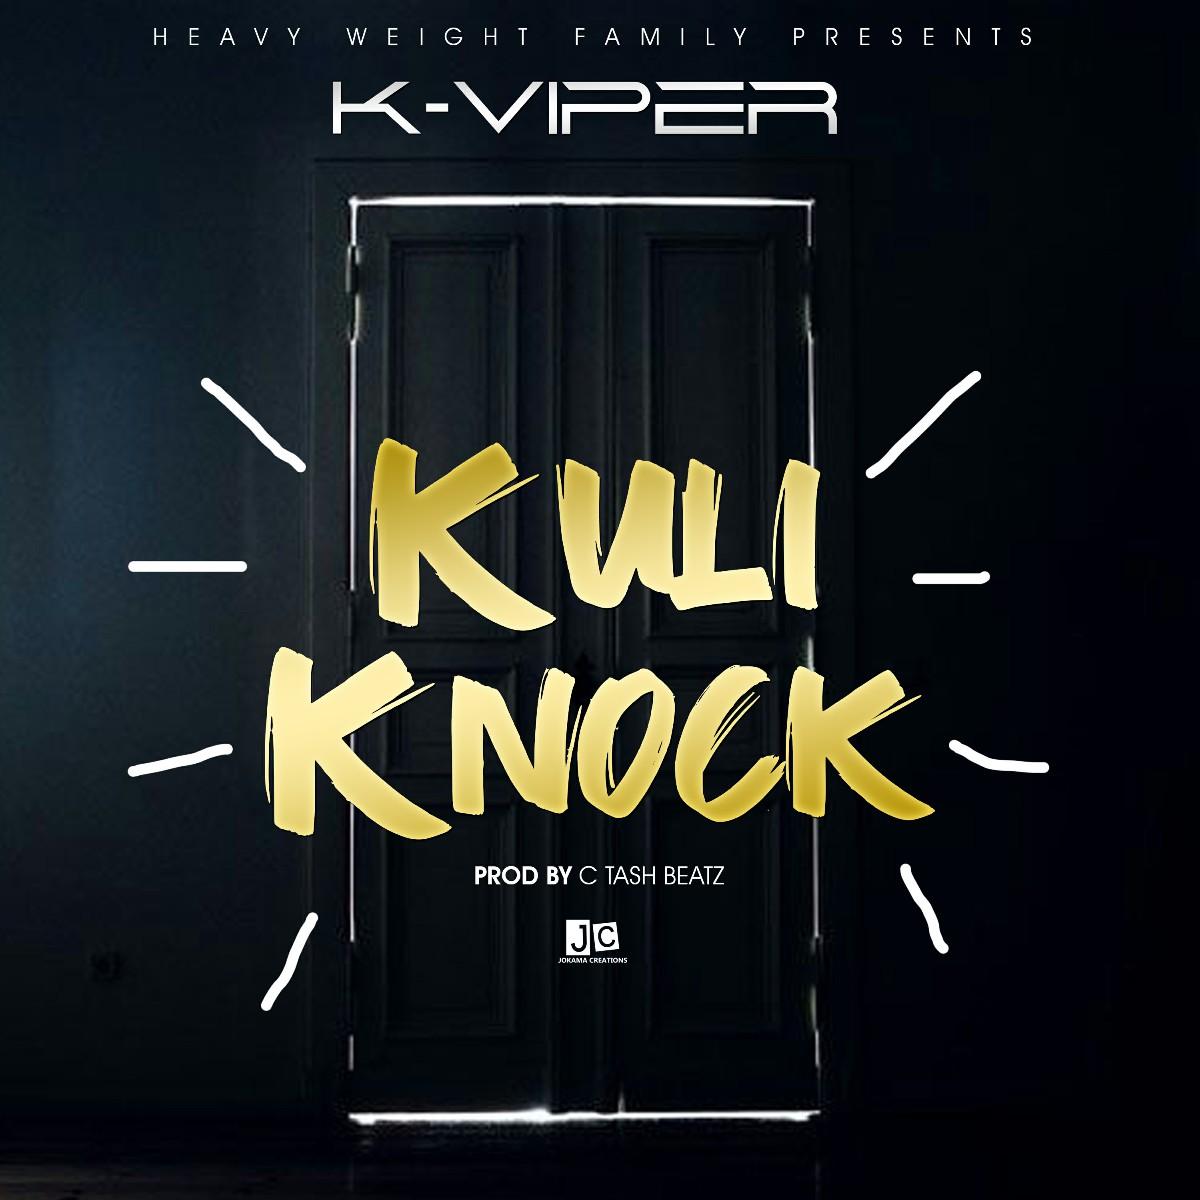 K-Viper - Kuli Knock